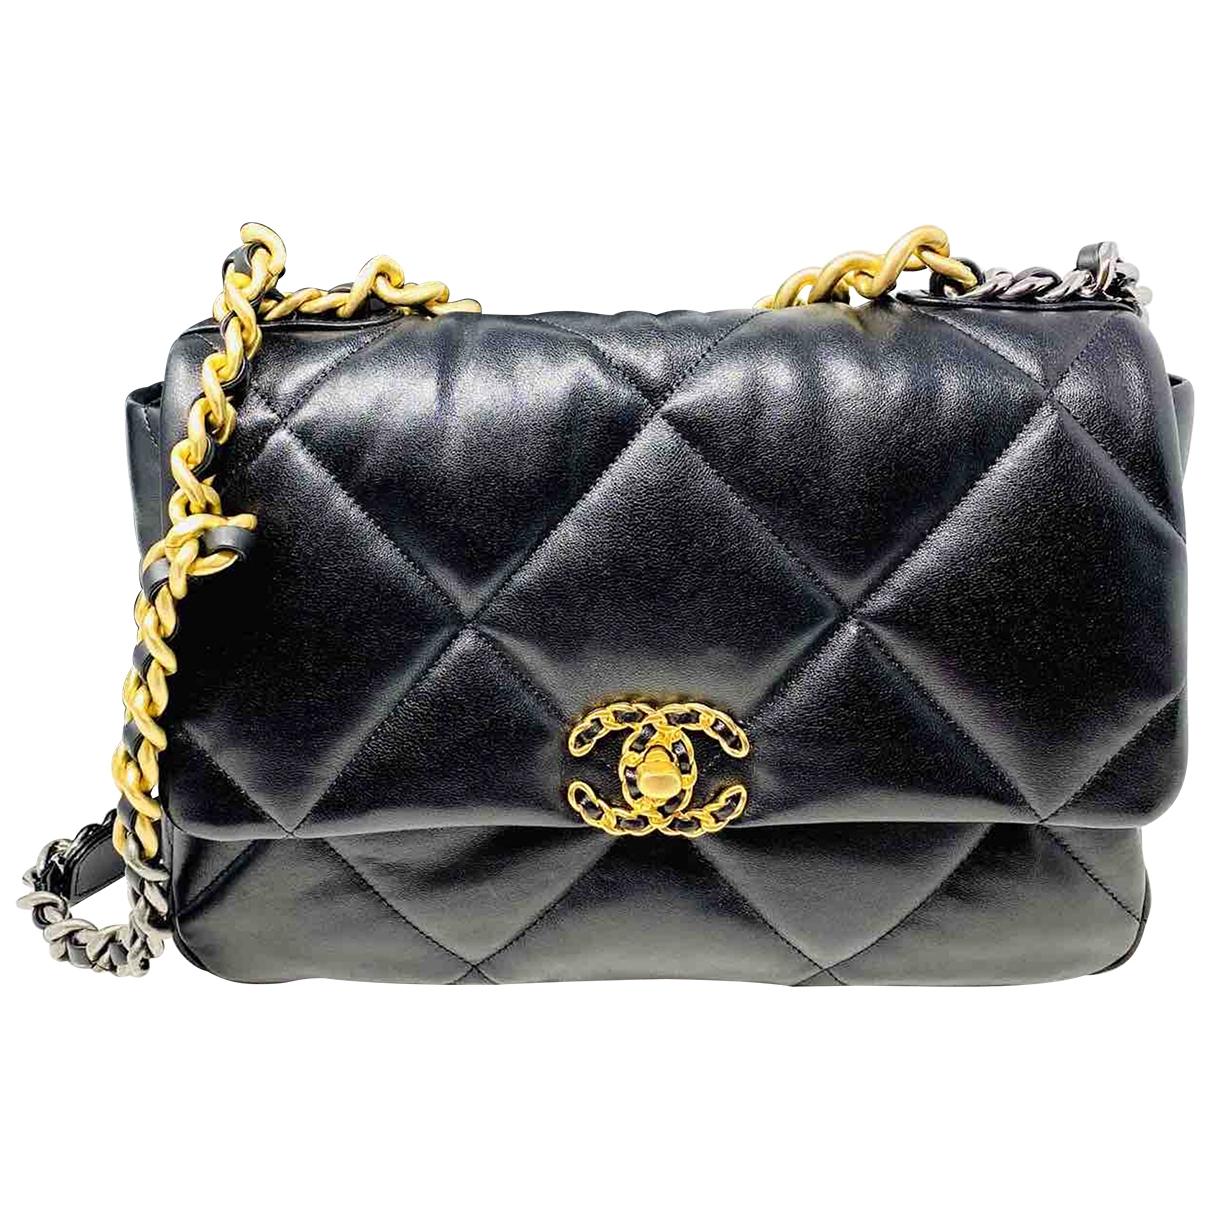 Chanel Chanel 19 Handtasche in  Schwarz Leder